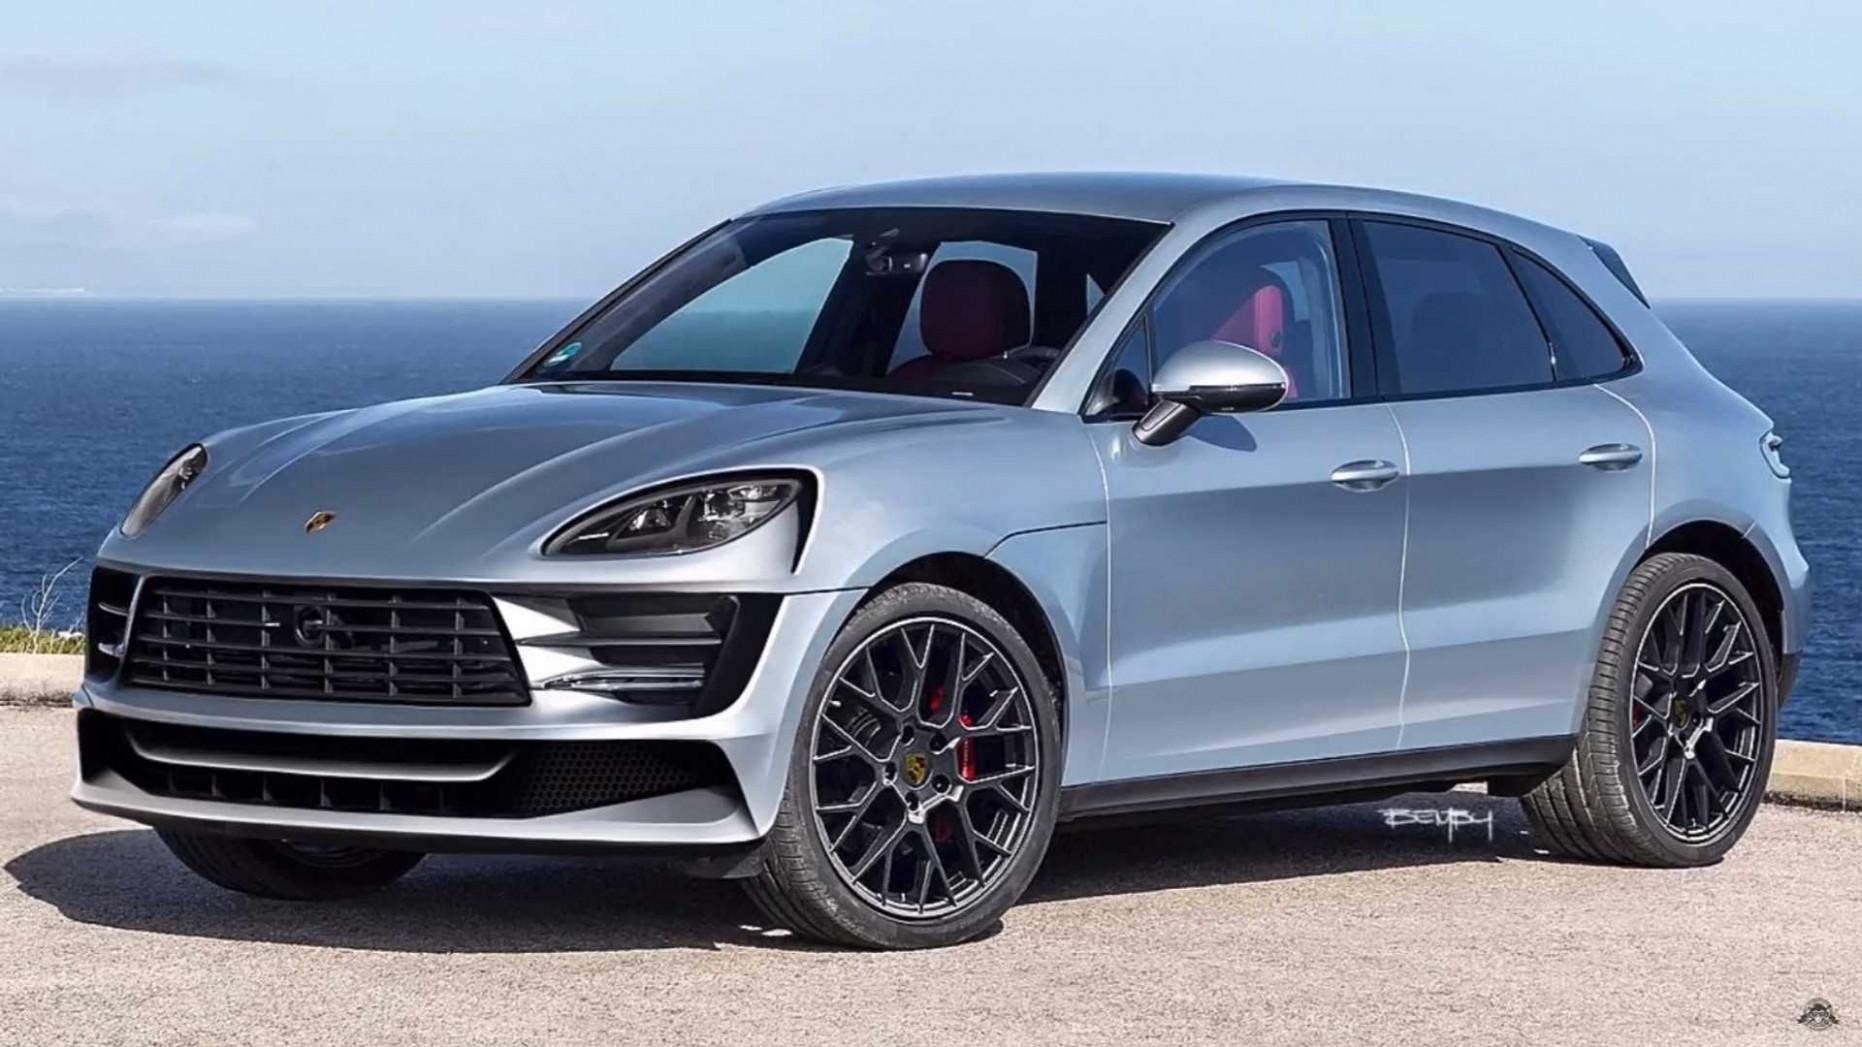 Specs 2022 Porsche Macan Turbo